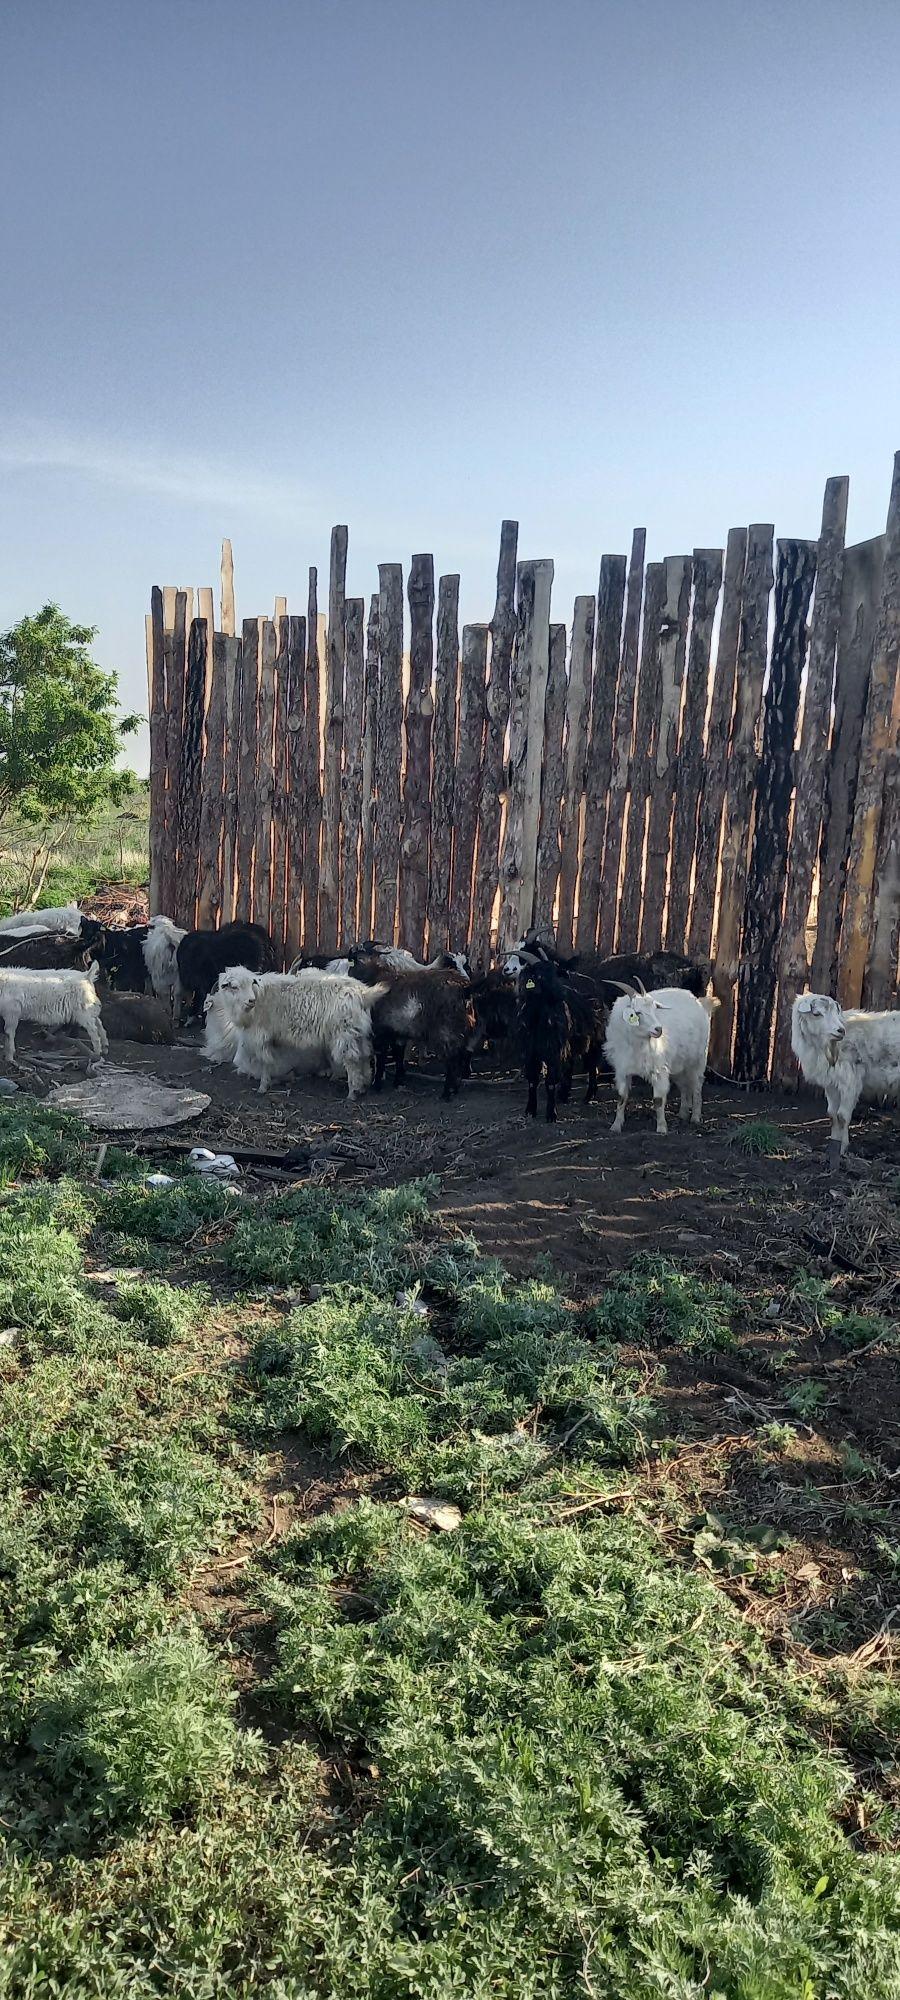 продам коз в большом количестве,желательно оптом 44ш, возраст разный.